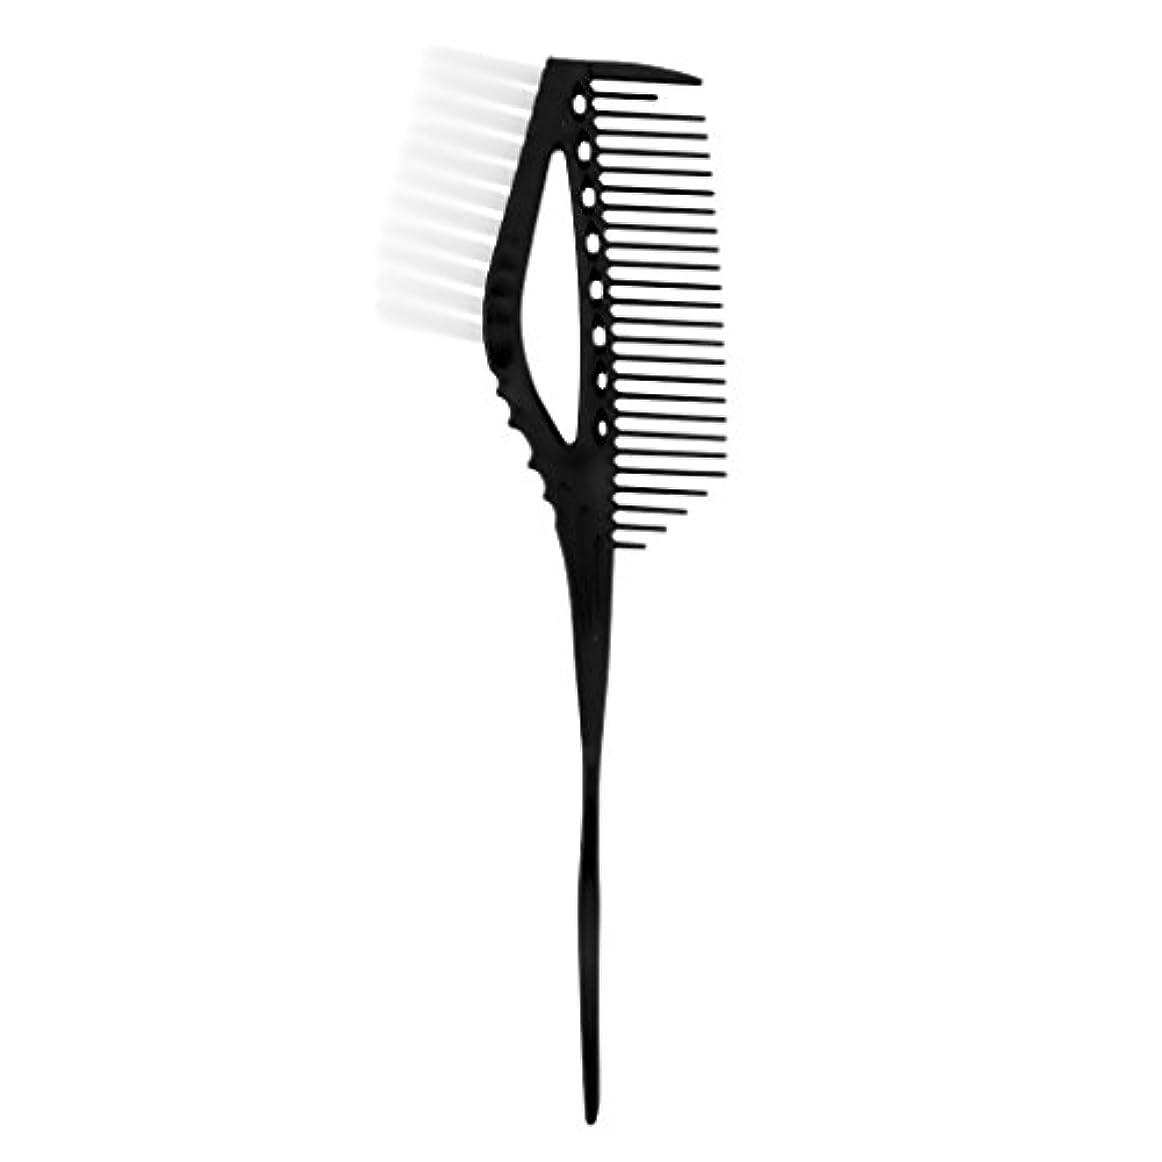 下安全でないフリルハイライト櫛 染め櫛 ヘアブラシ ヘアカラー 色合い ヘアスタイル 便利 3色選べる - ブラック